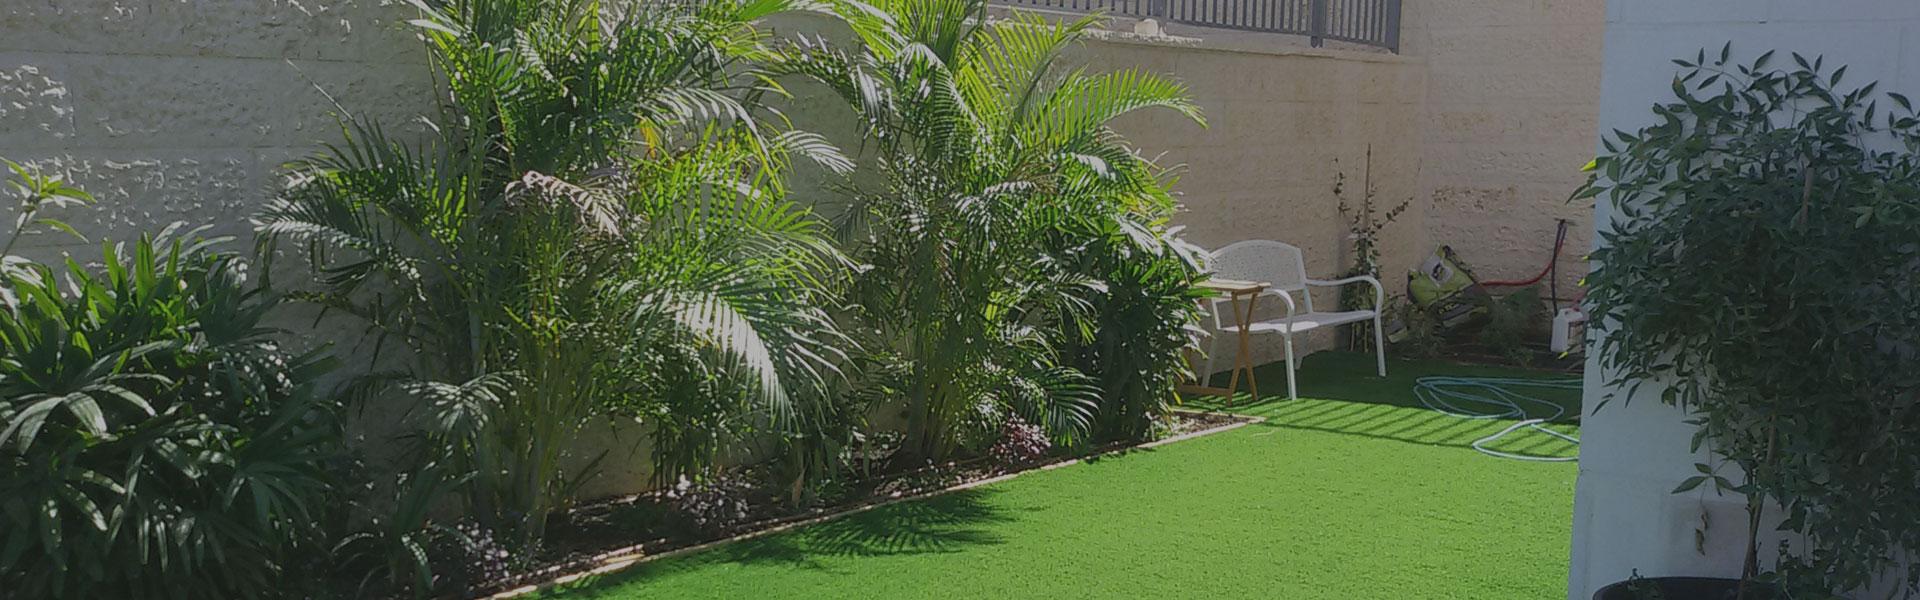 עיצוב והקמת גינות בדירות גן מעל חניה או חנות